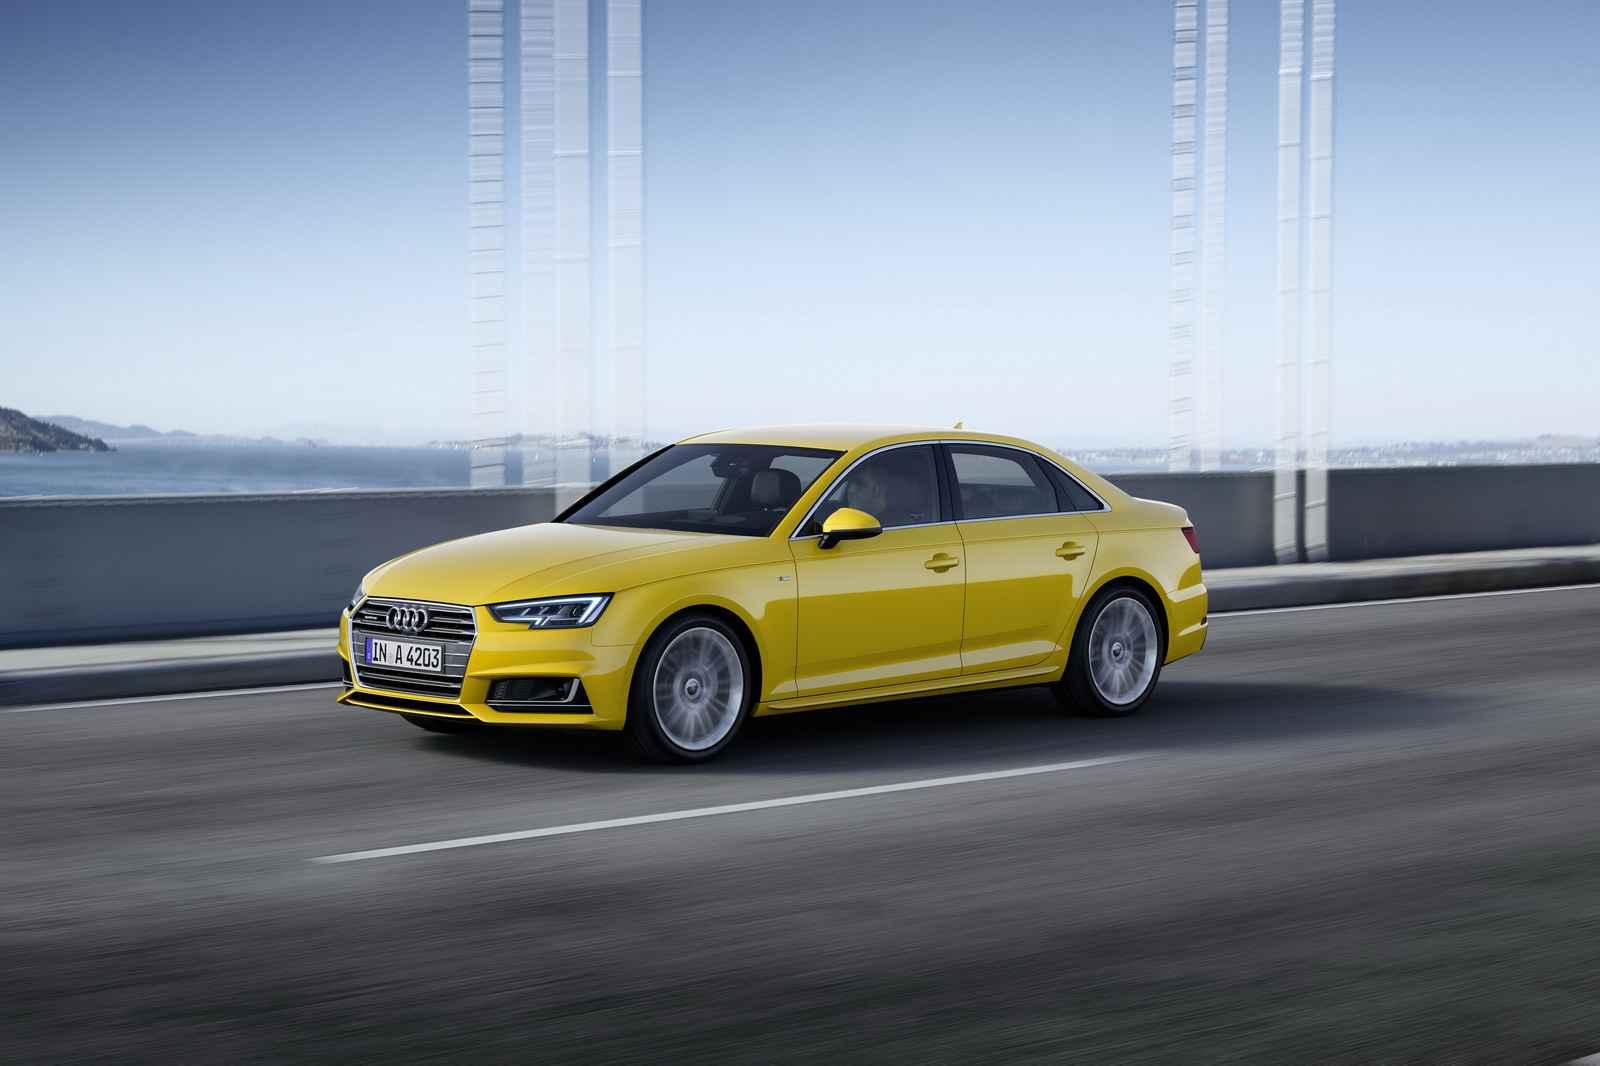 2016 Model Yeni Audi A4 - Uygun Taşıt